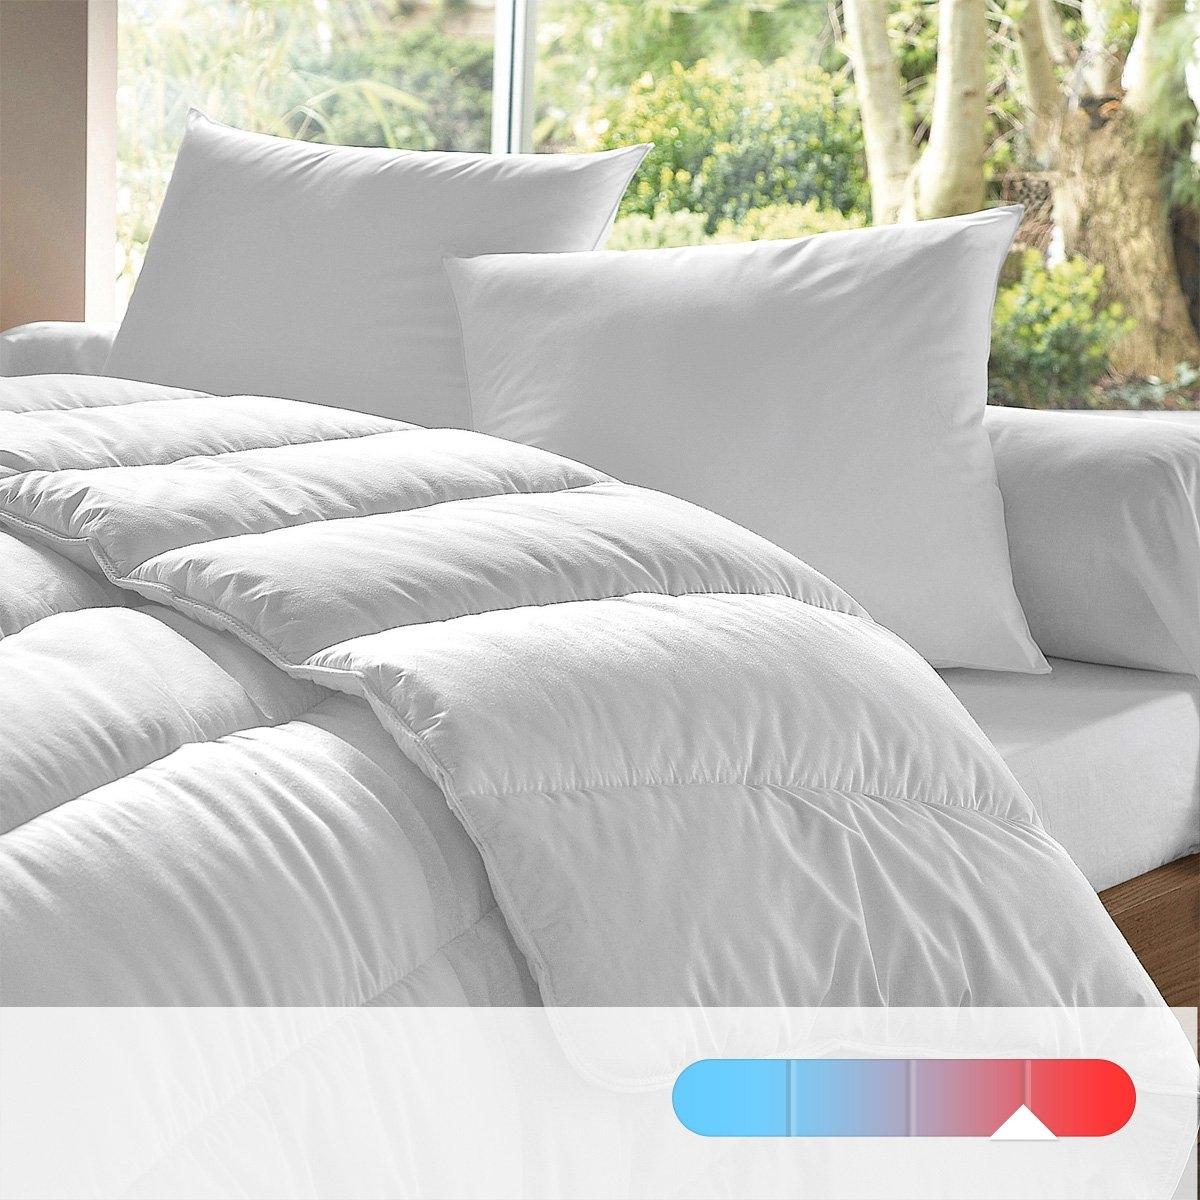 Одеяло из 100% полиэстера, 500 г/м², тёплое